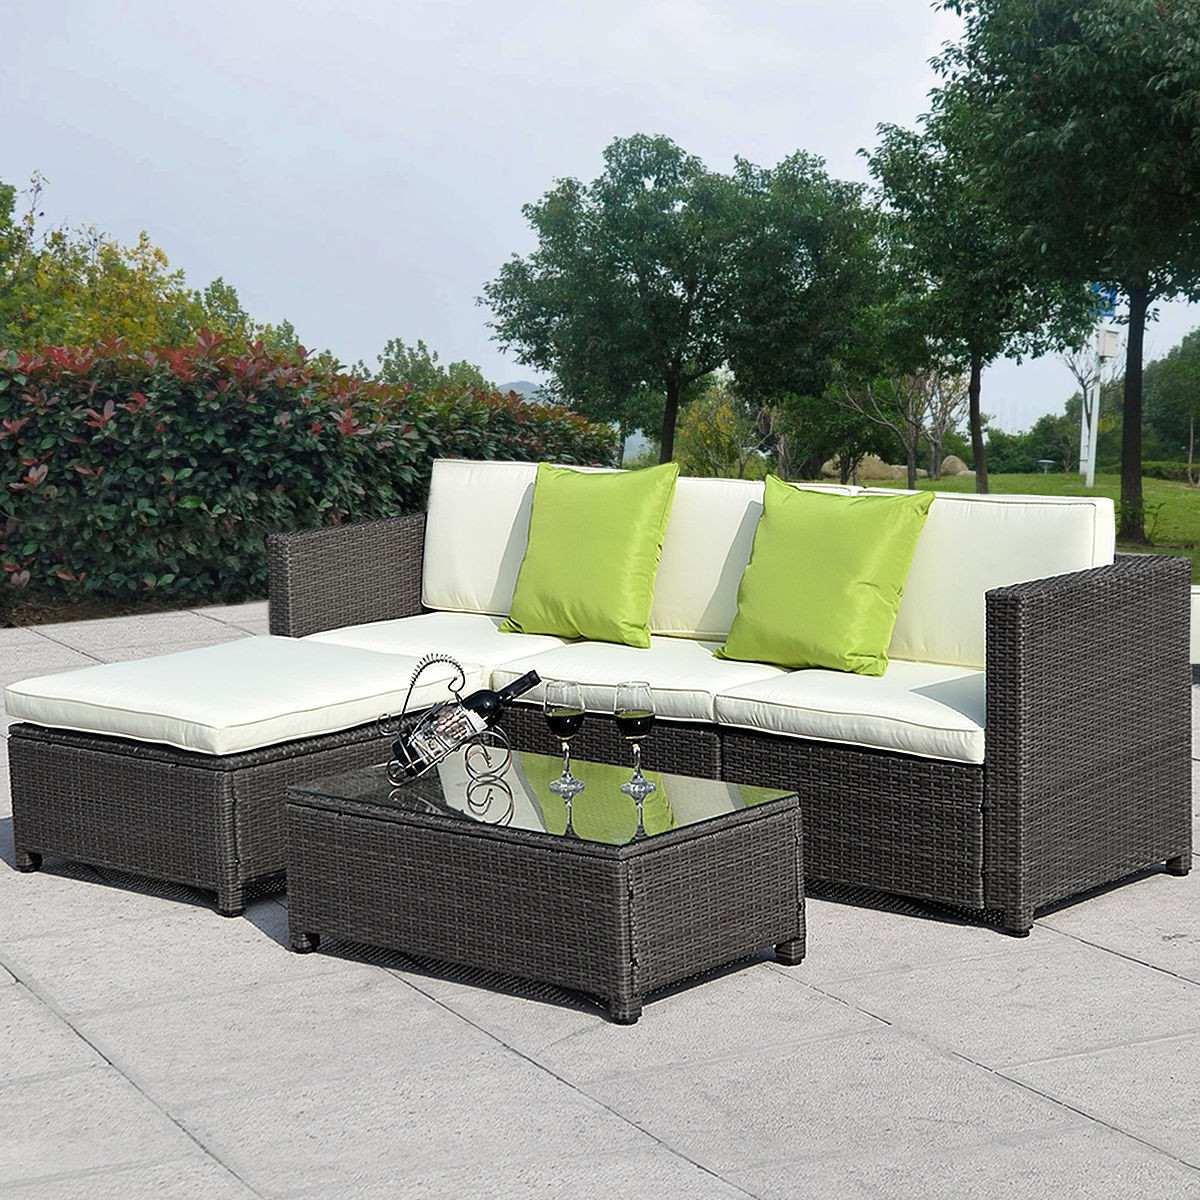 Muebles de ratan sintetico para jardin muebles mimbre for Muebles de terraza y jardin baratos